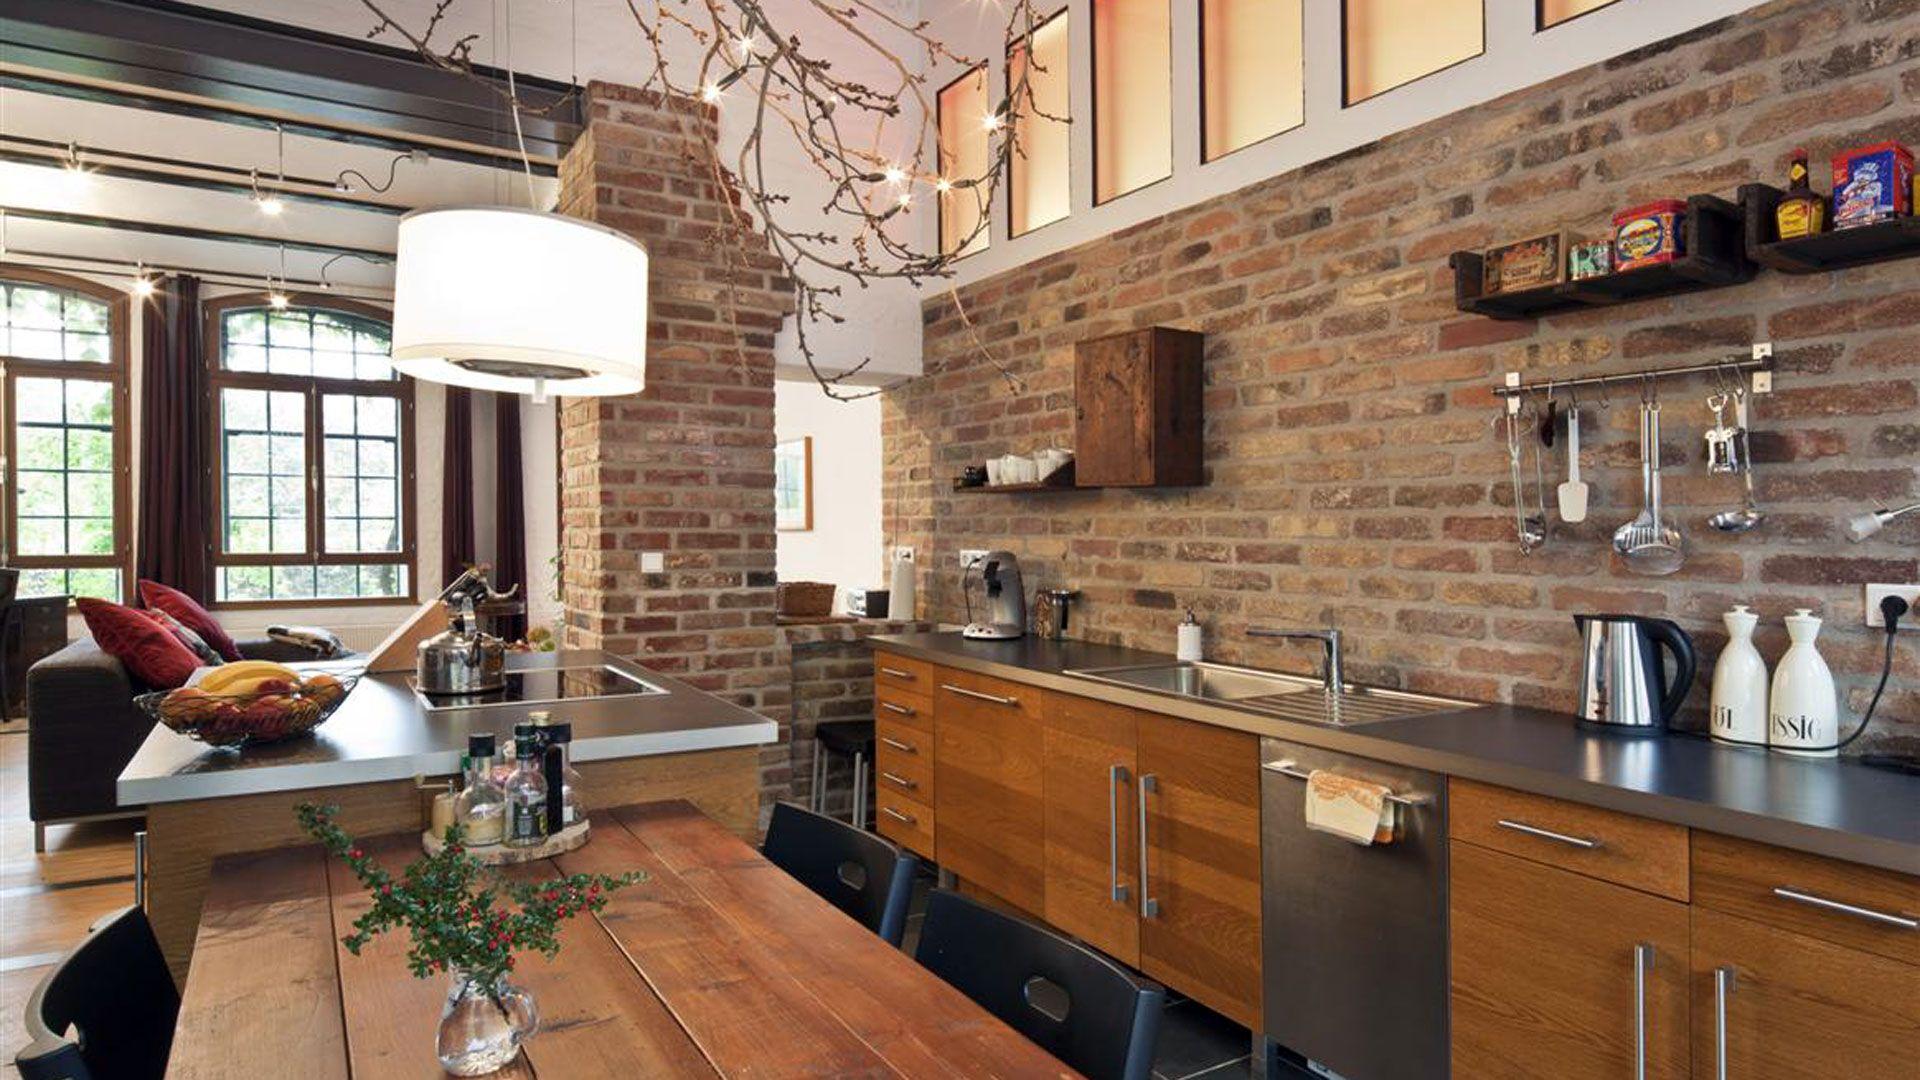 loft k che essplatz foto sonja speck furniture pinterest loft k che k che und loftwohnung. Black Bedroom Furniture Sets. Home Design Ideas